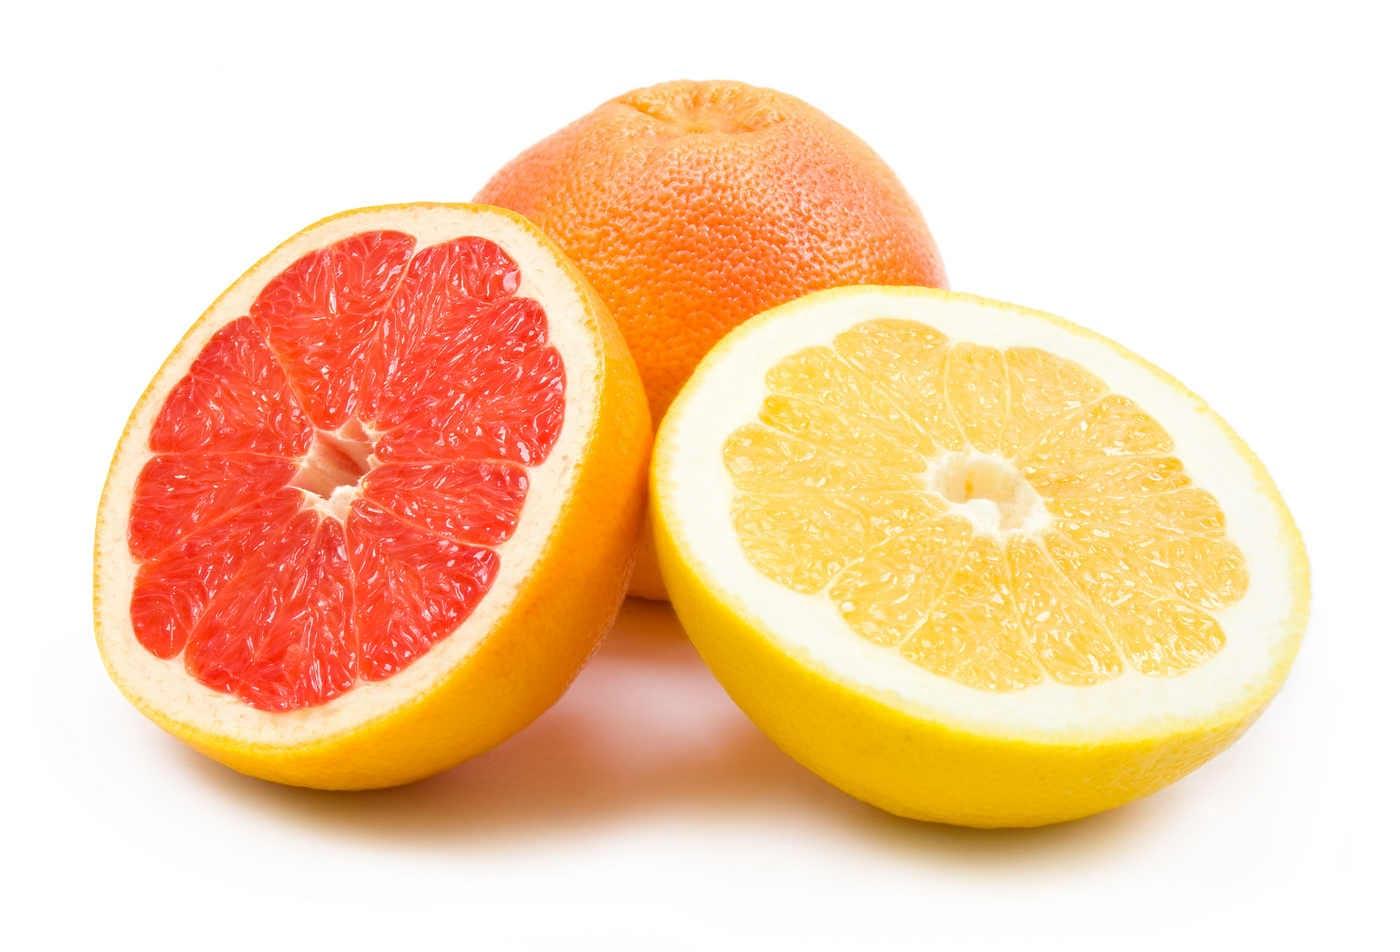 Grepfrutul alb și roșu: beneficii, diferențe și contraindicații